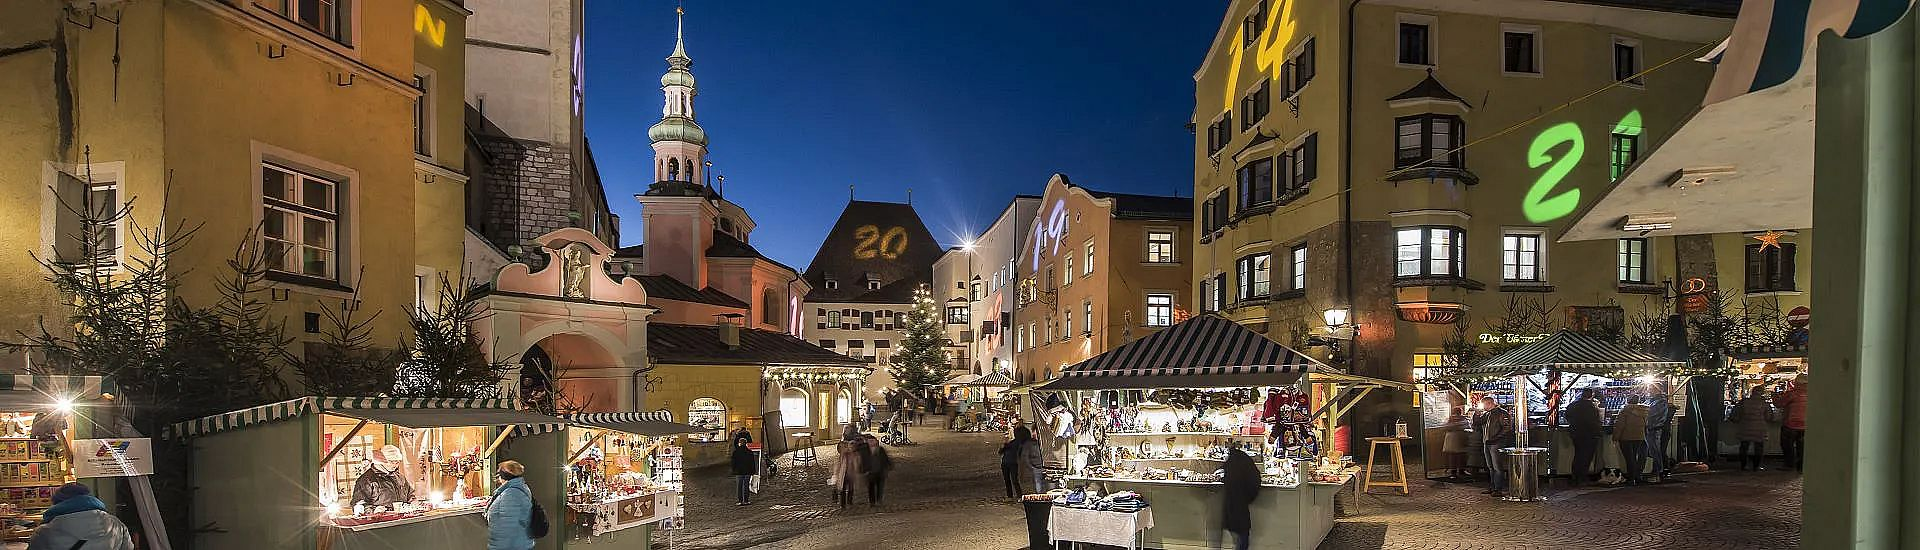 Hall In Tirol Lebhafte Stadt Zwischen Historie Und Moderne